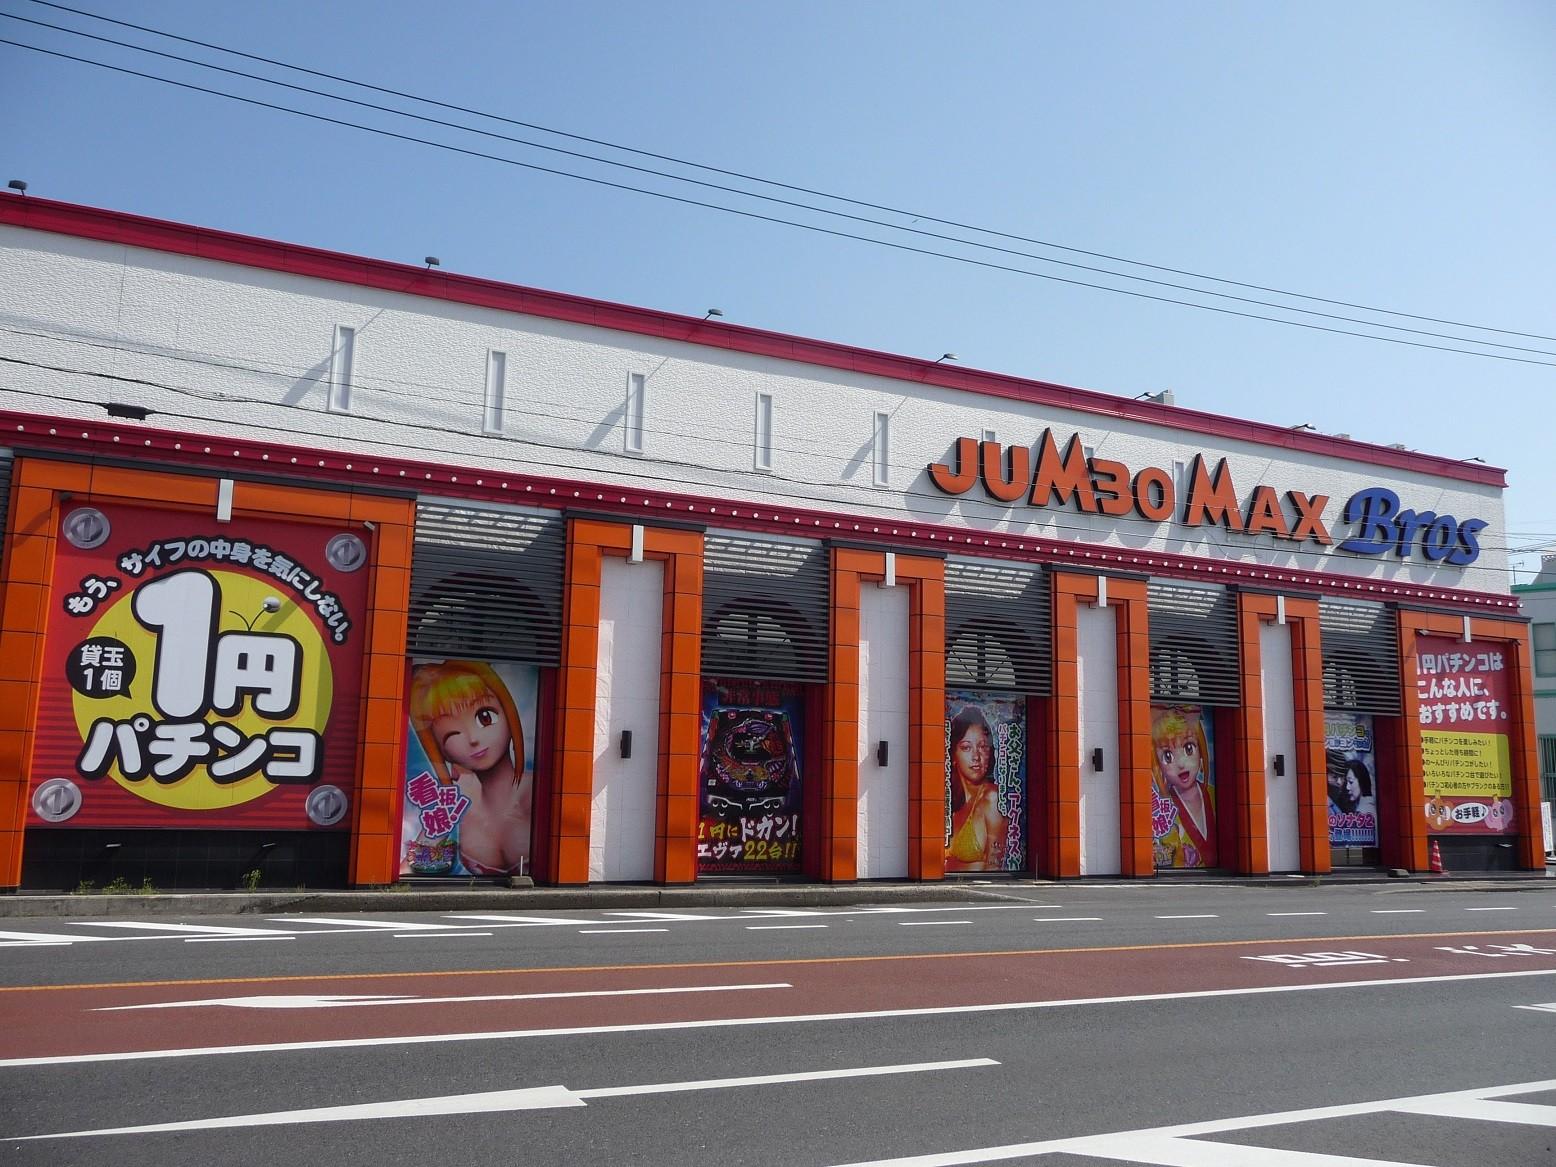 ジャンボマックスブロス店 のアルバイト情報